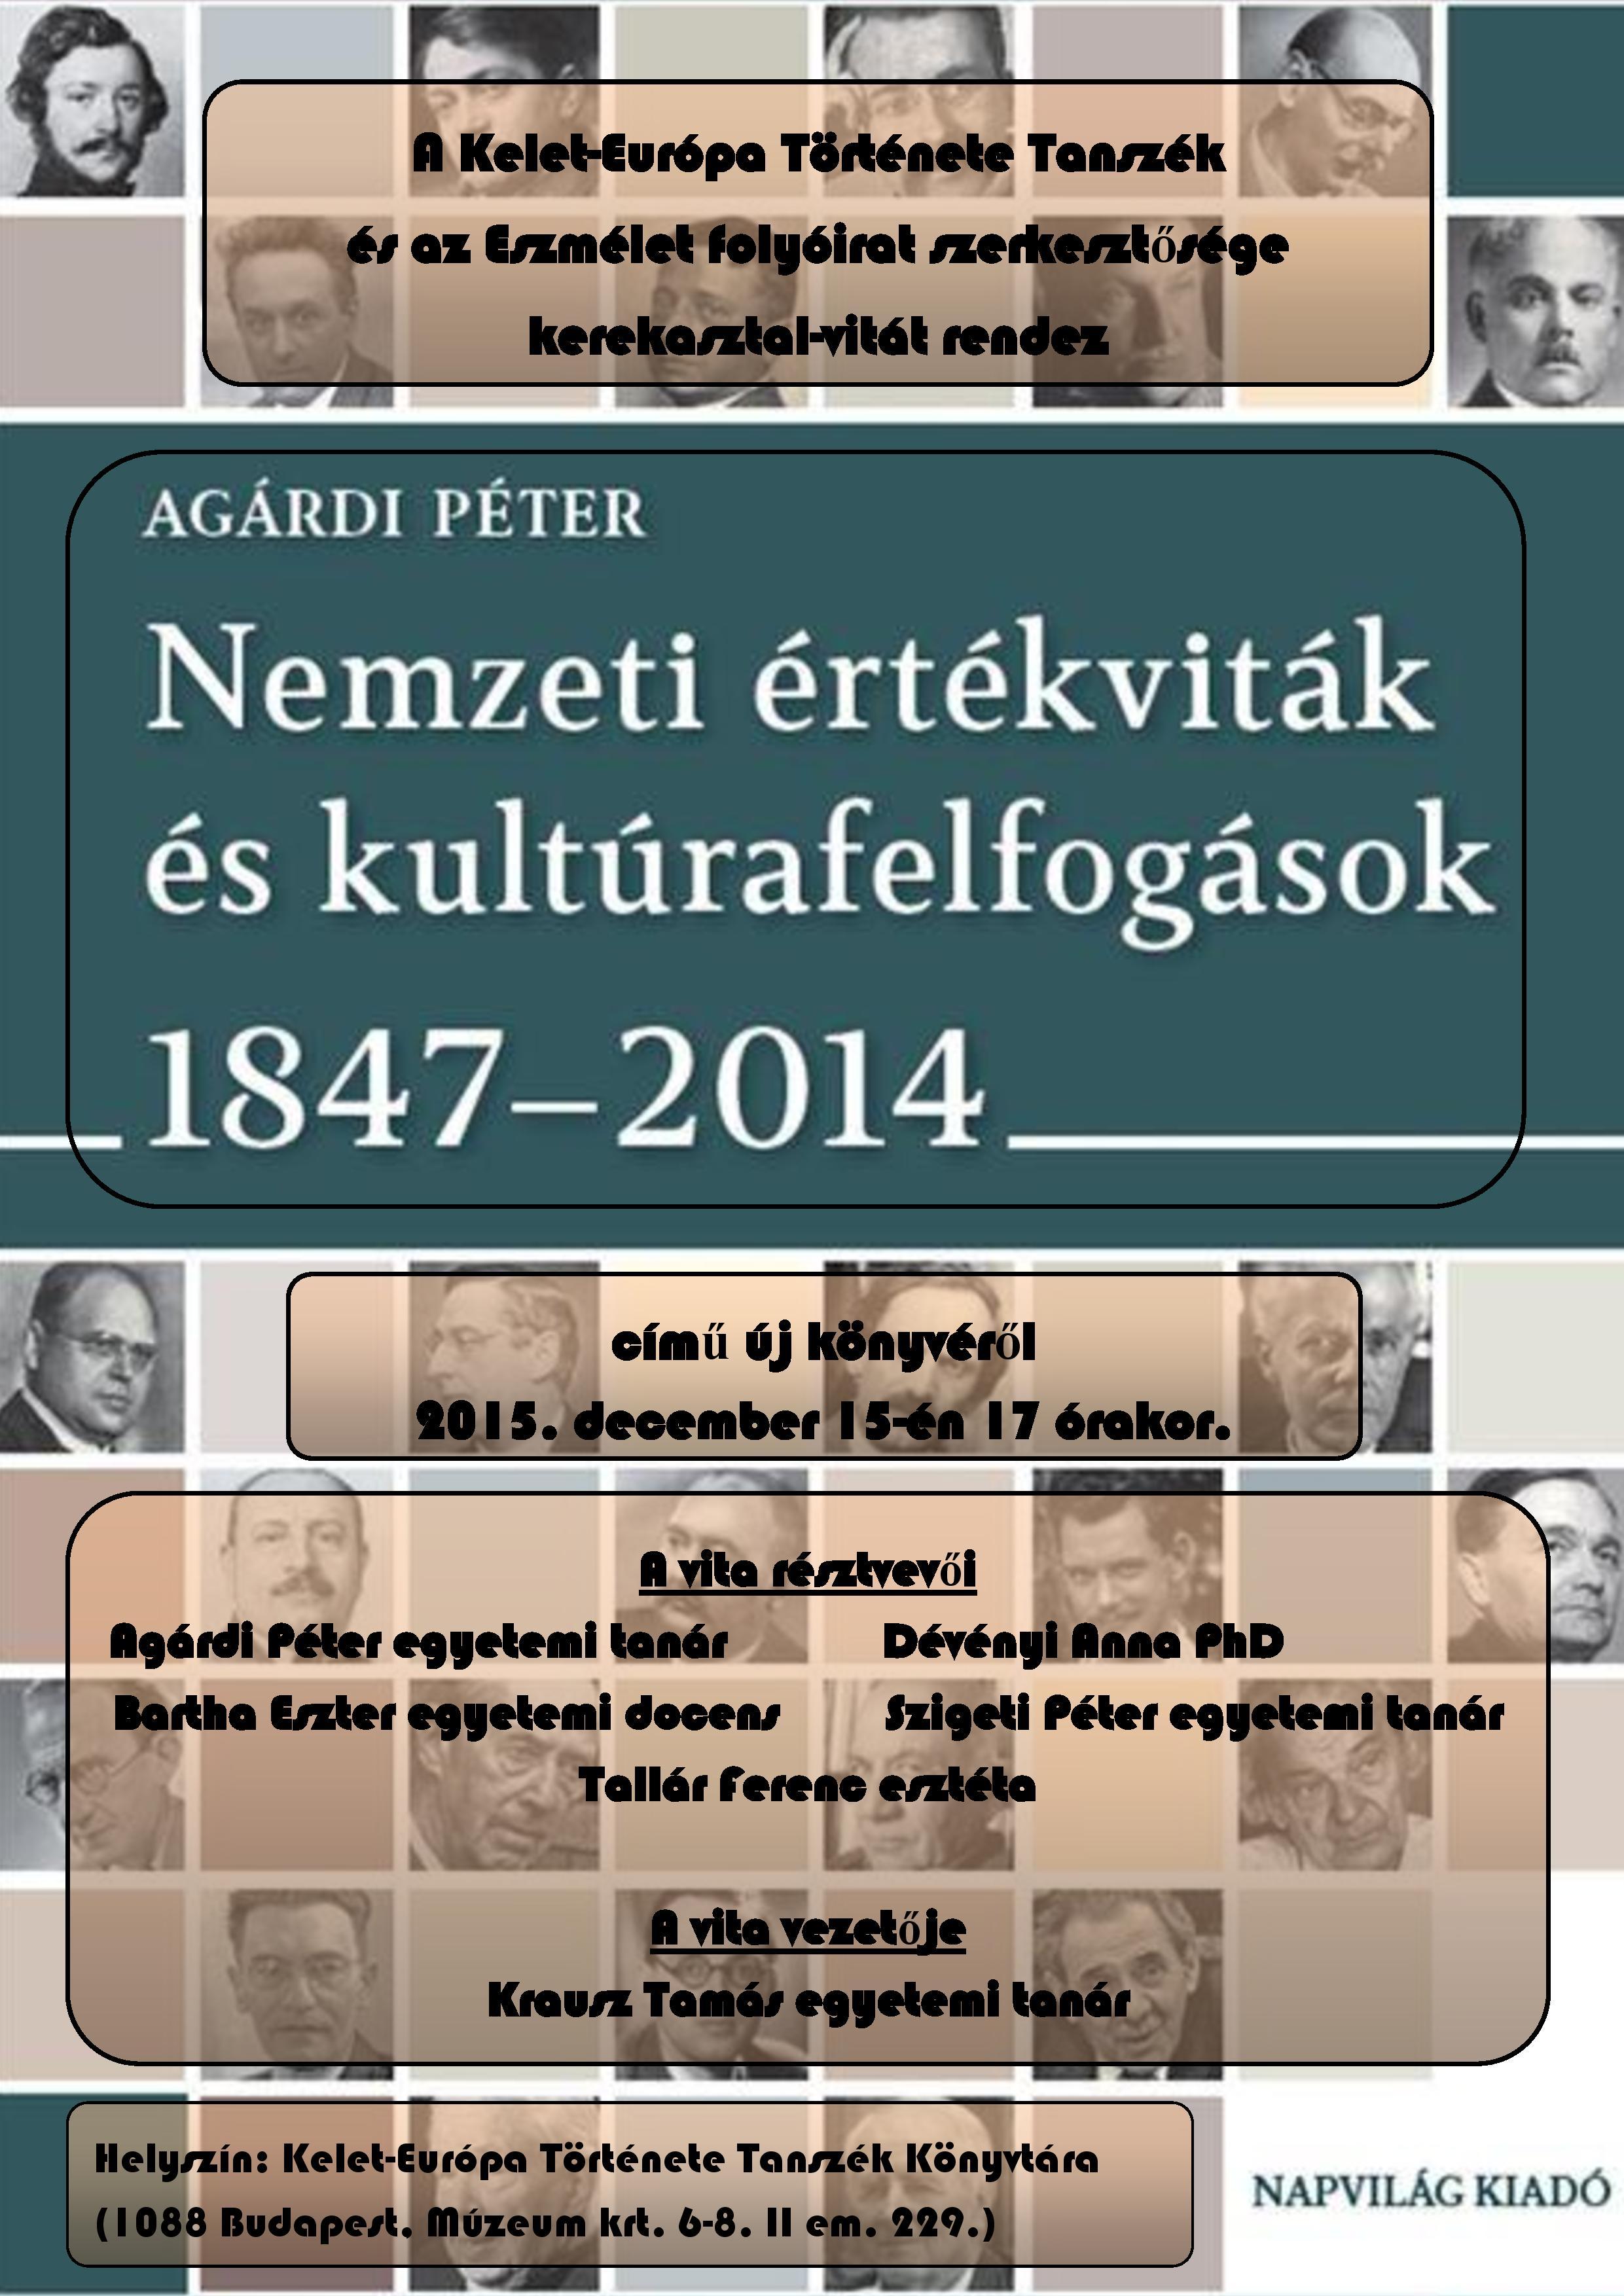 Helyszín  Kelet-Európa Története Tanszék Könyvtára (1088 Budapest fe698b2450